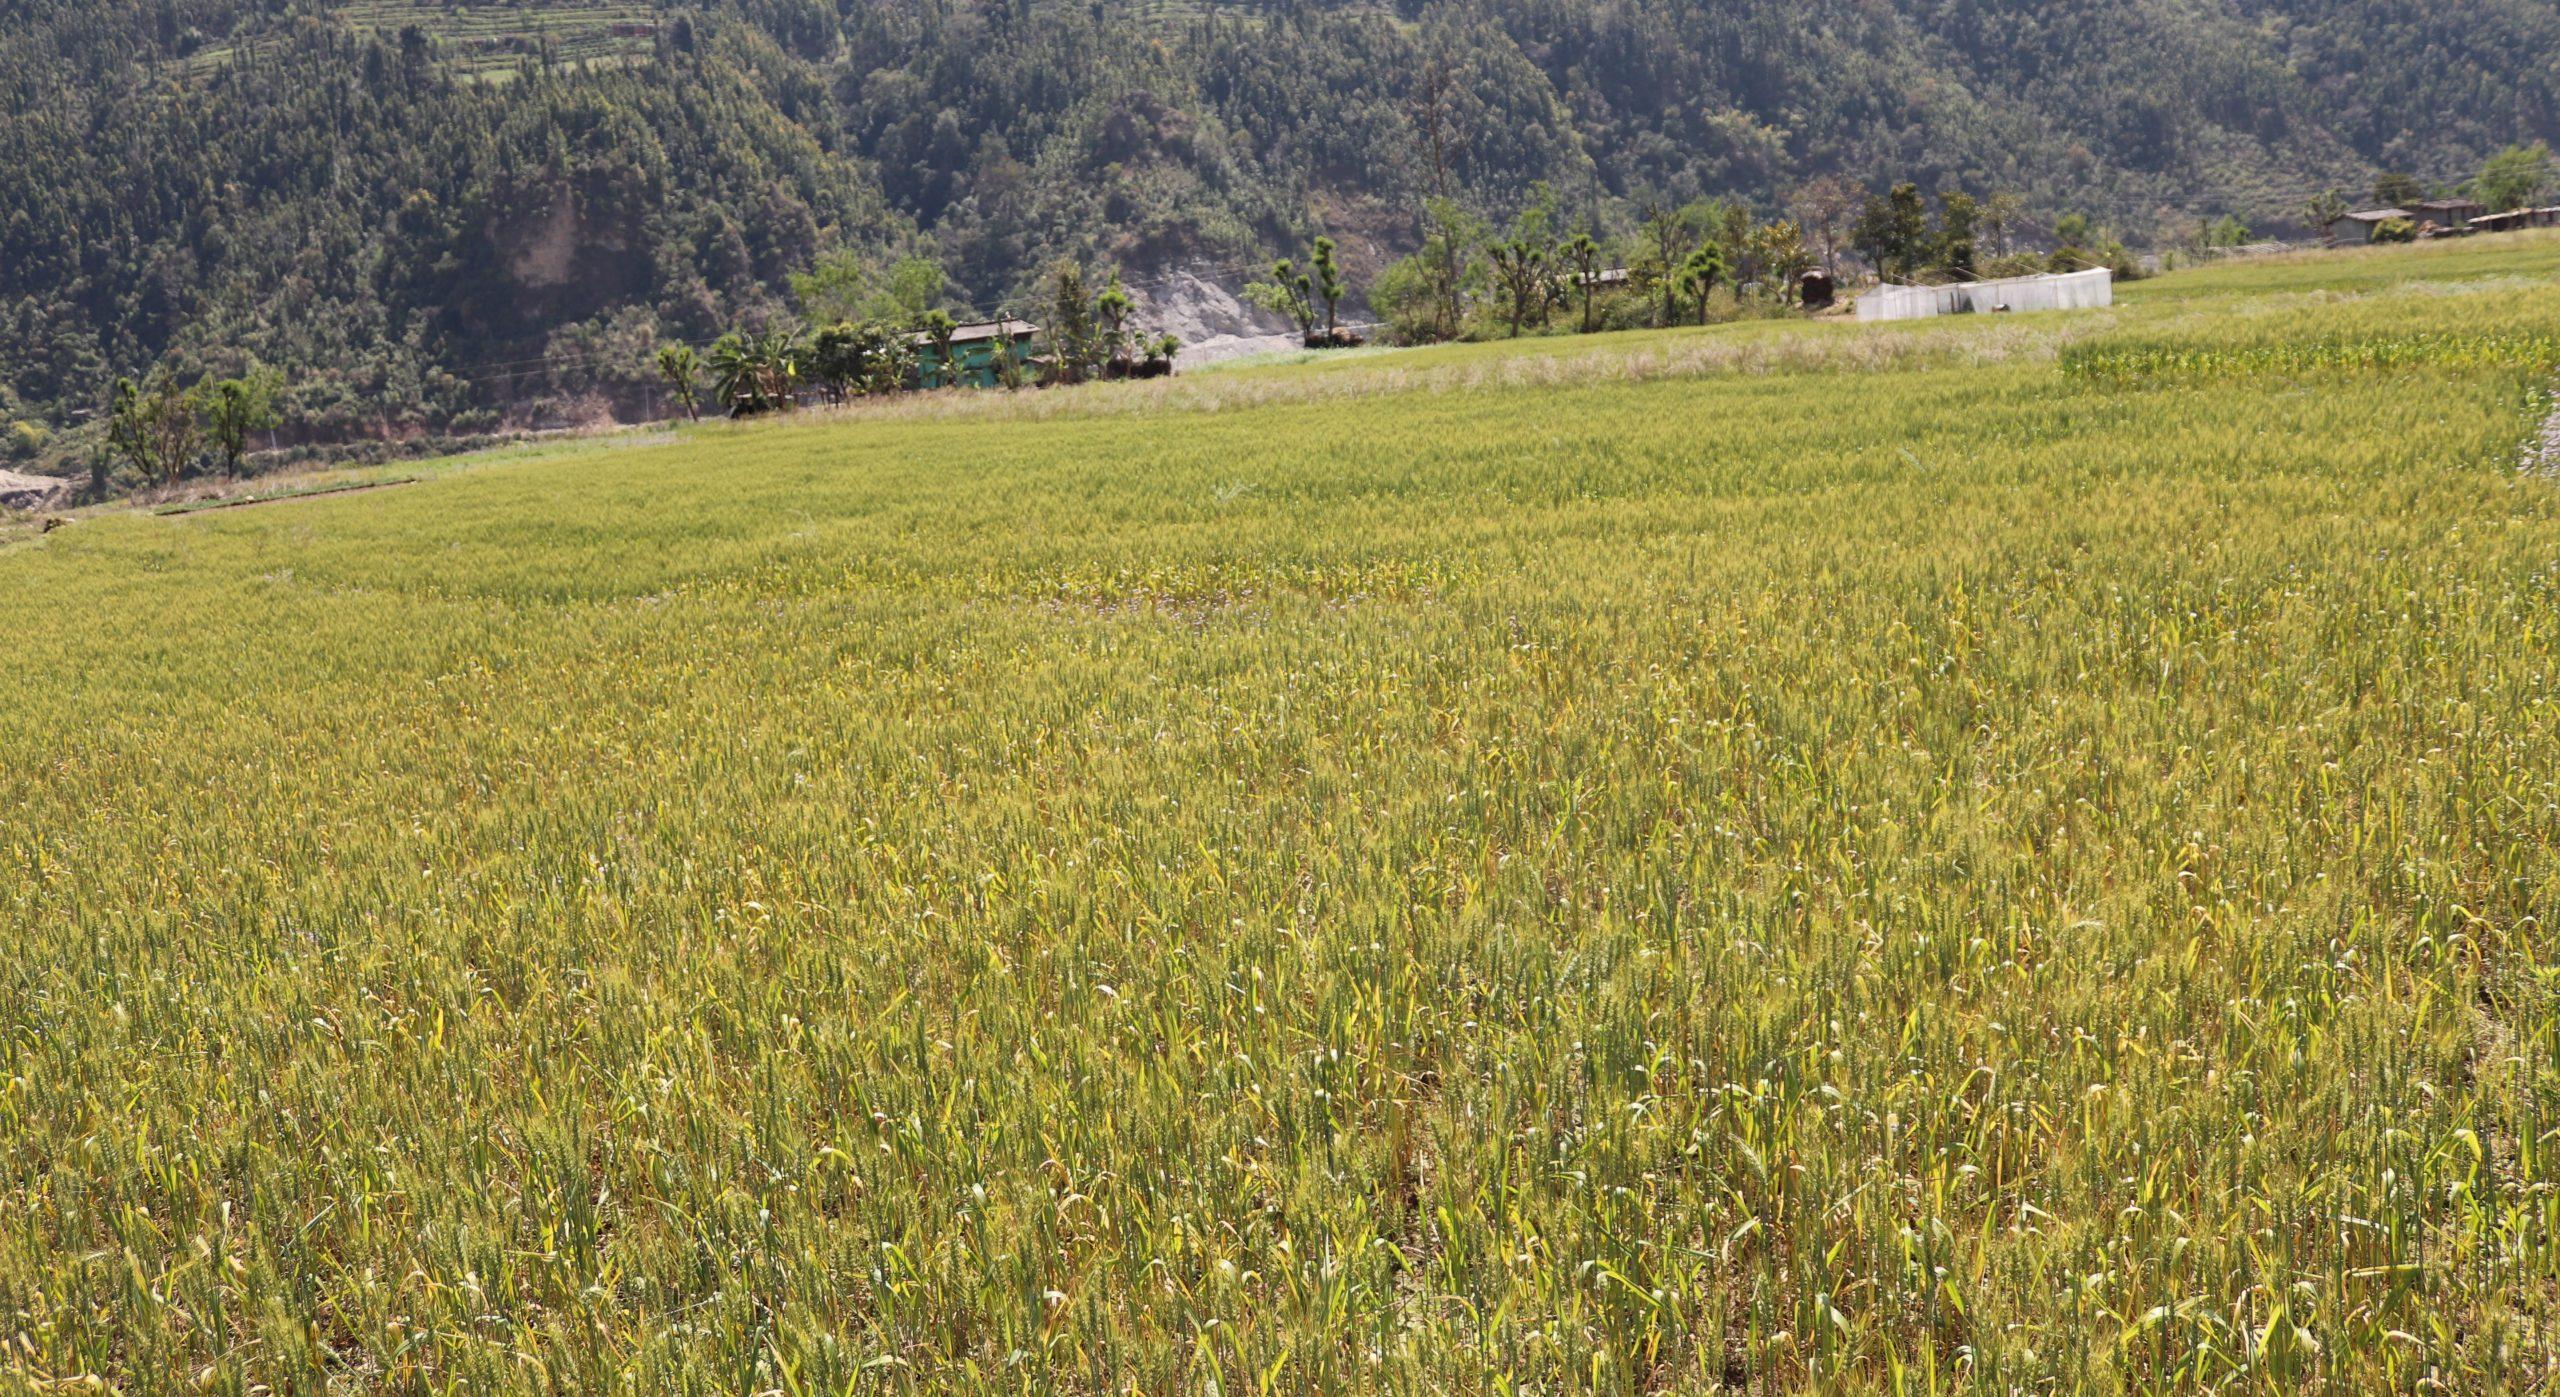 बीउ नपाउने कृषक , अव बीउ व्यापारी